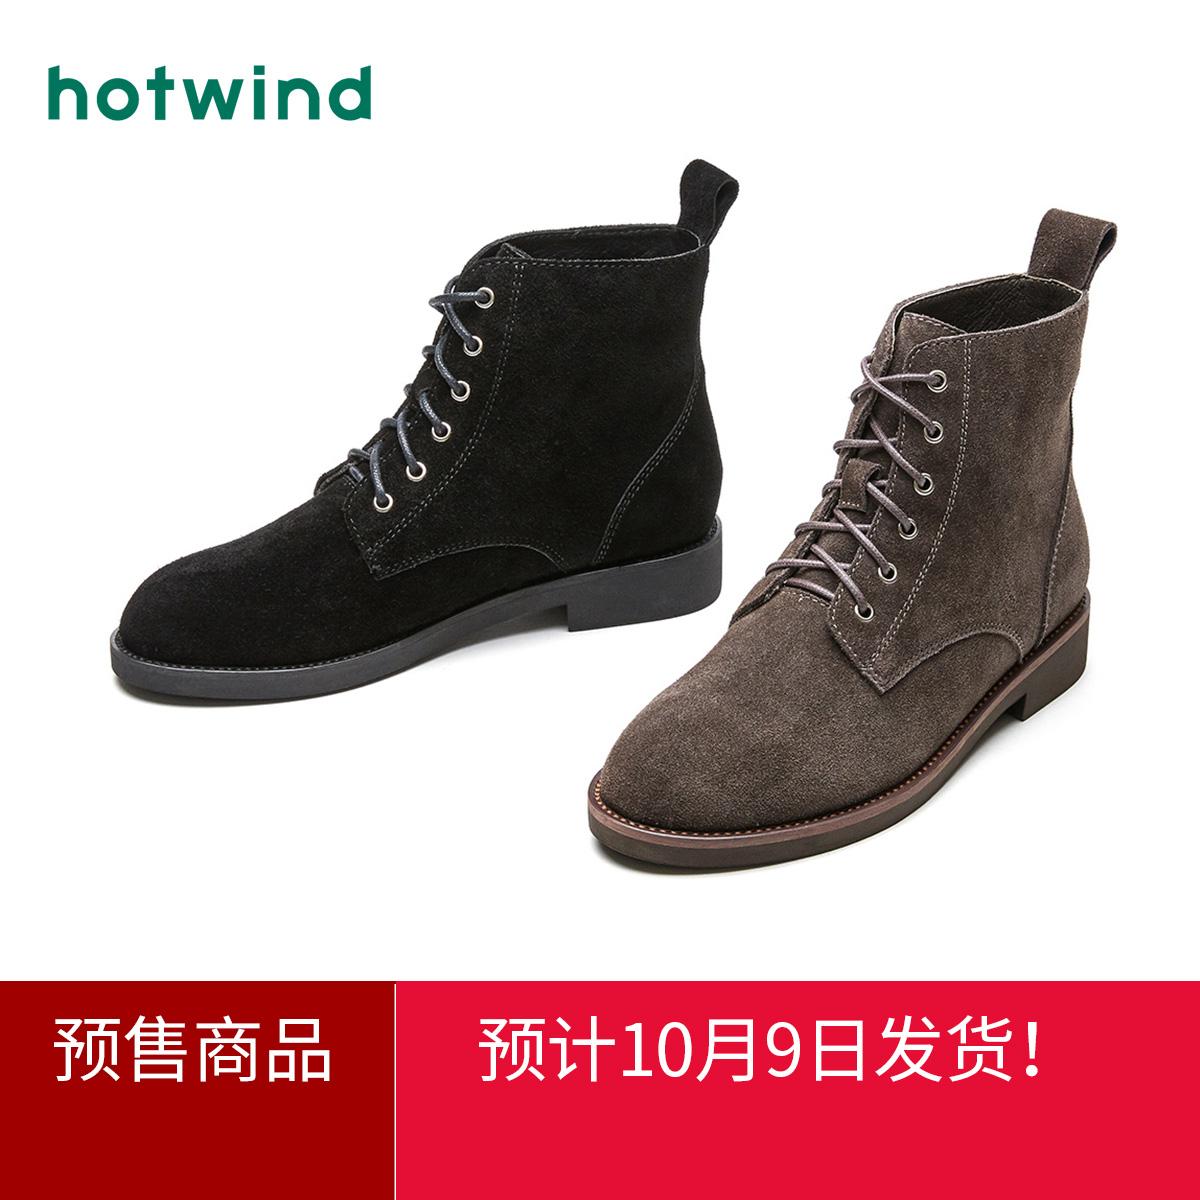 时尚潮马丁靴